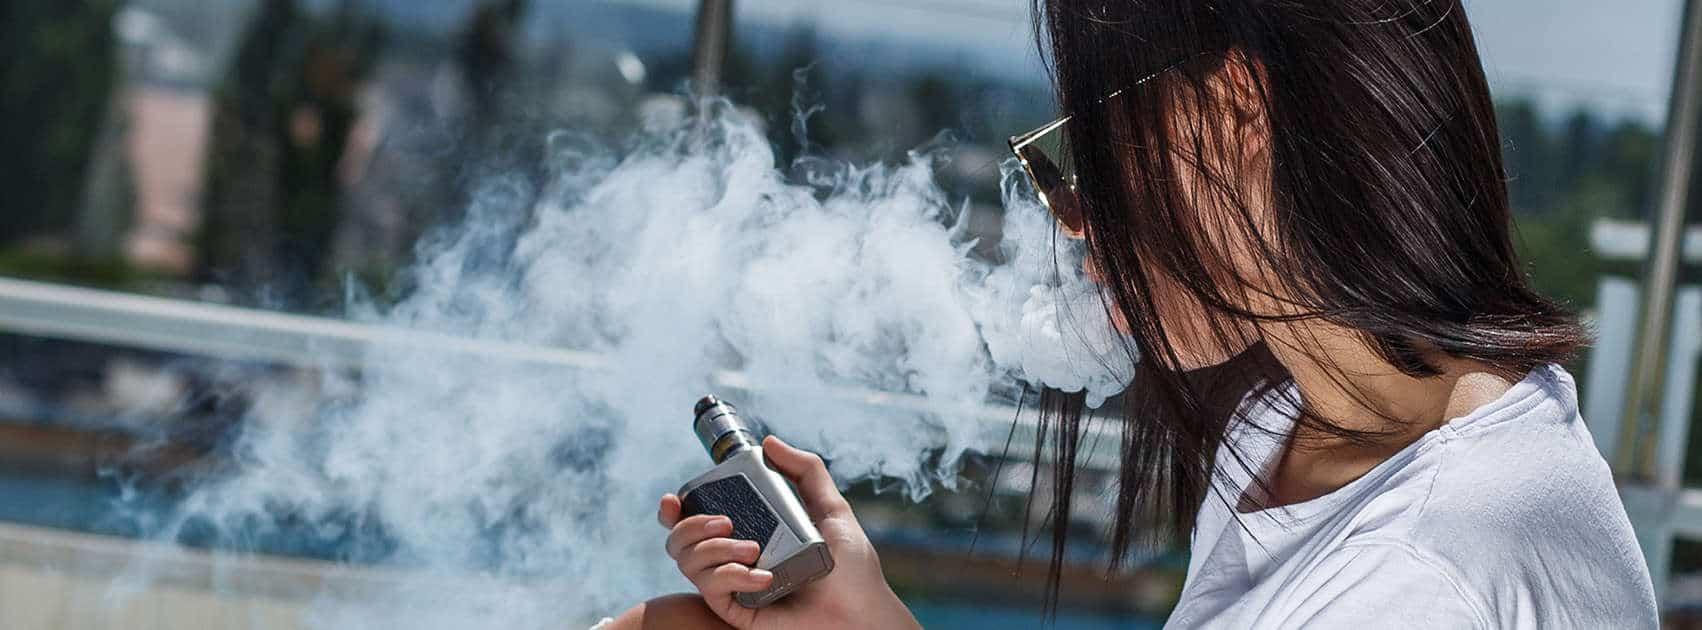 vapeurs e-cigaret